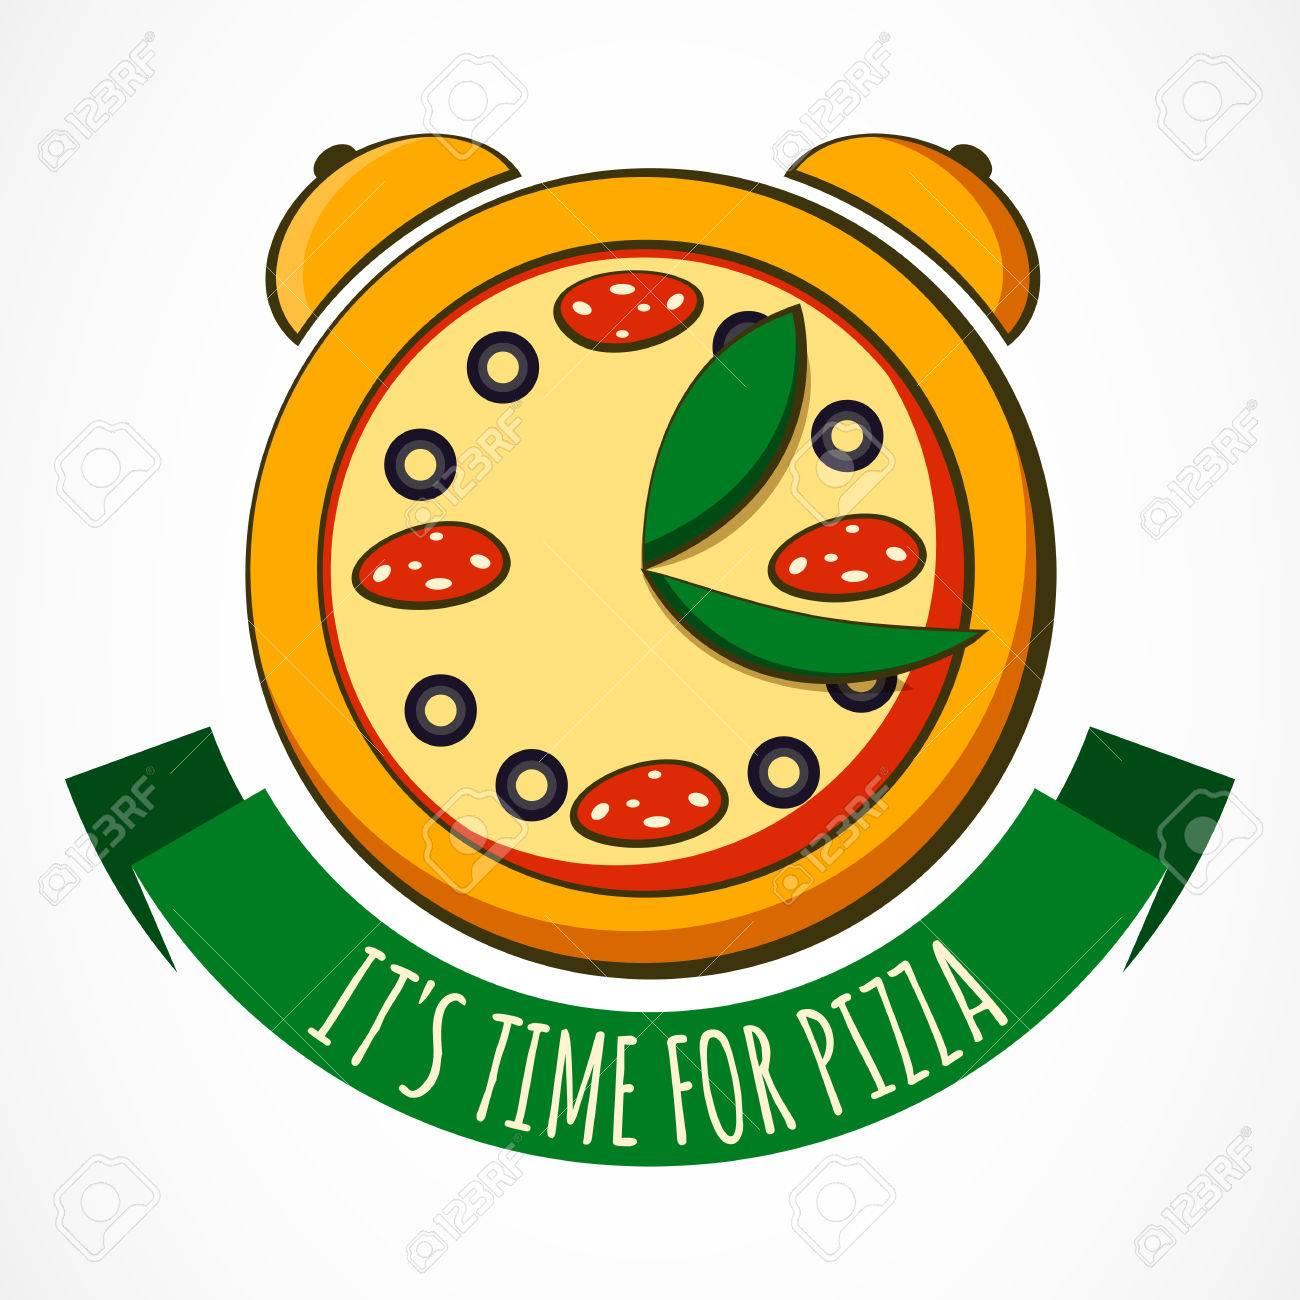 La Sabrosa DiseñoIlustración Del AlimentosRestaurante De RelojPlantilla Para PizzeríaEntrega Italiano Pizza Con VectorConcepto NwXZOP8n0k